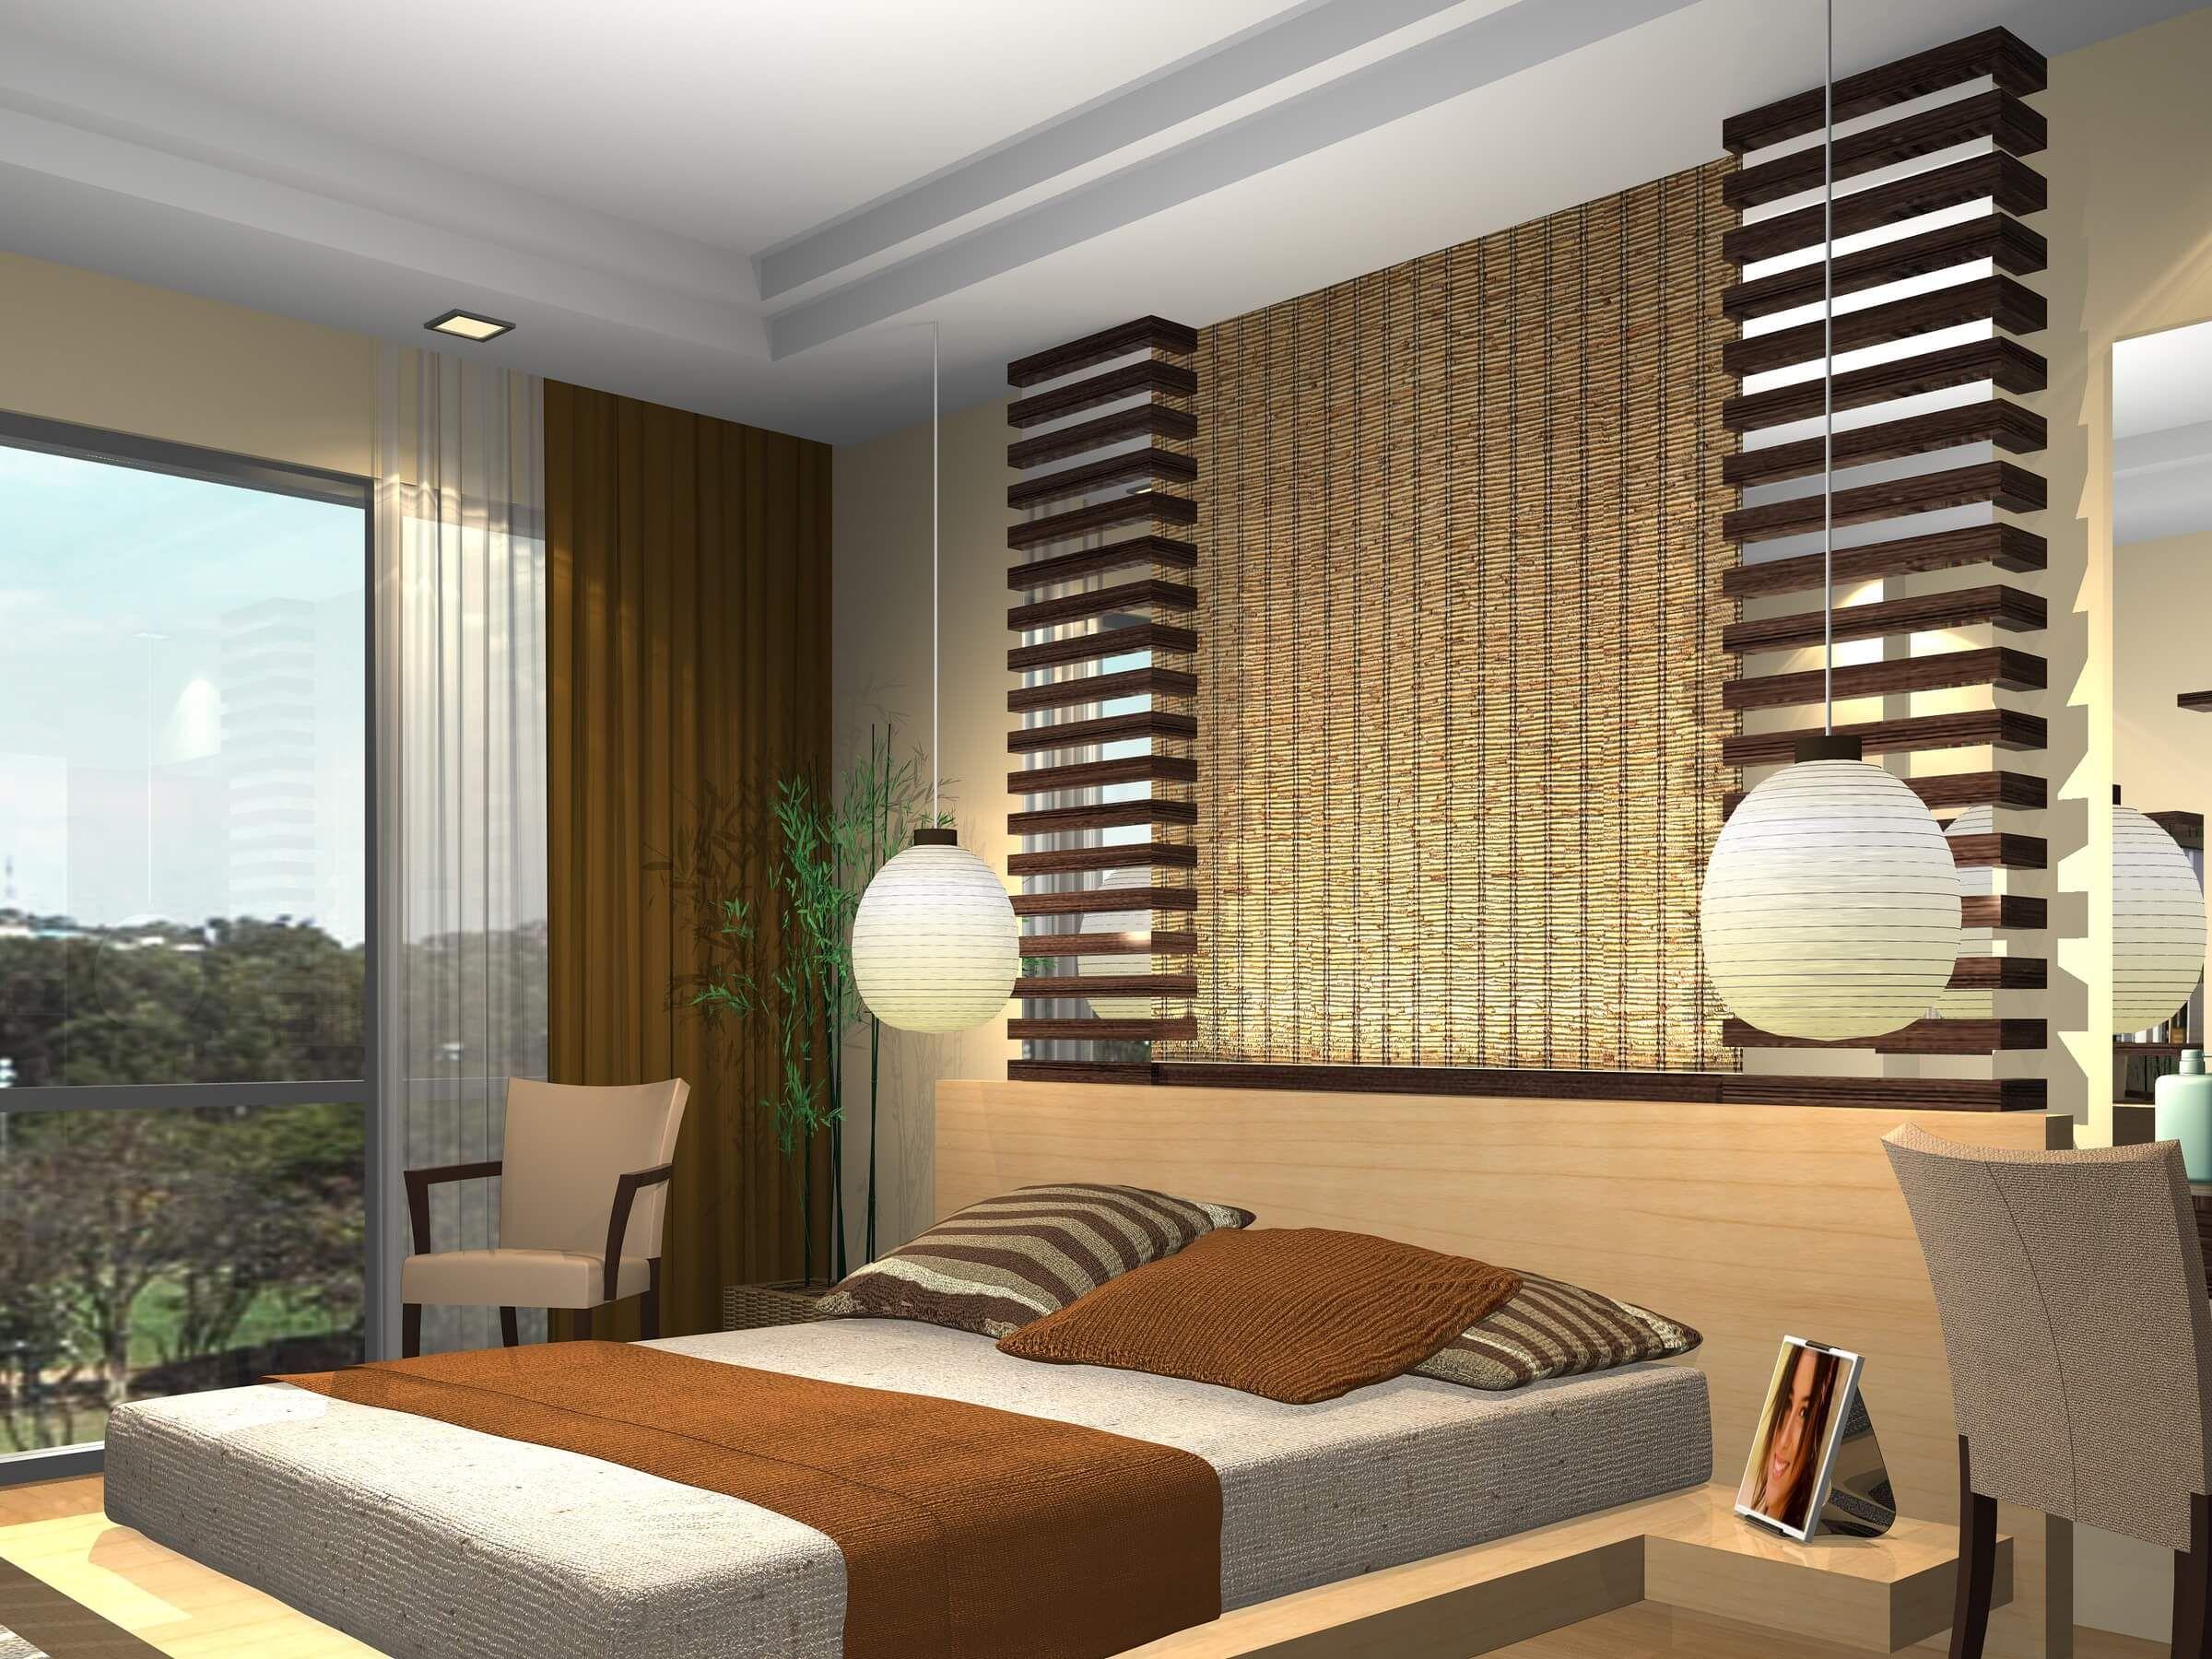 zen bedrooms design  zen room decor zen living rooms